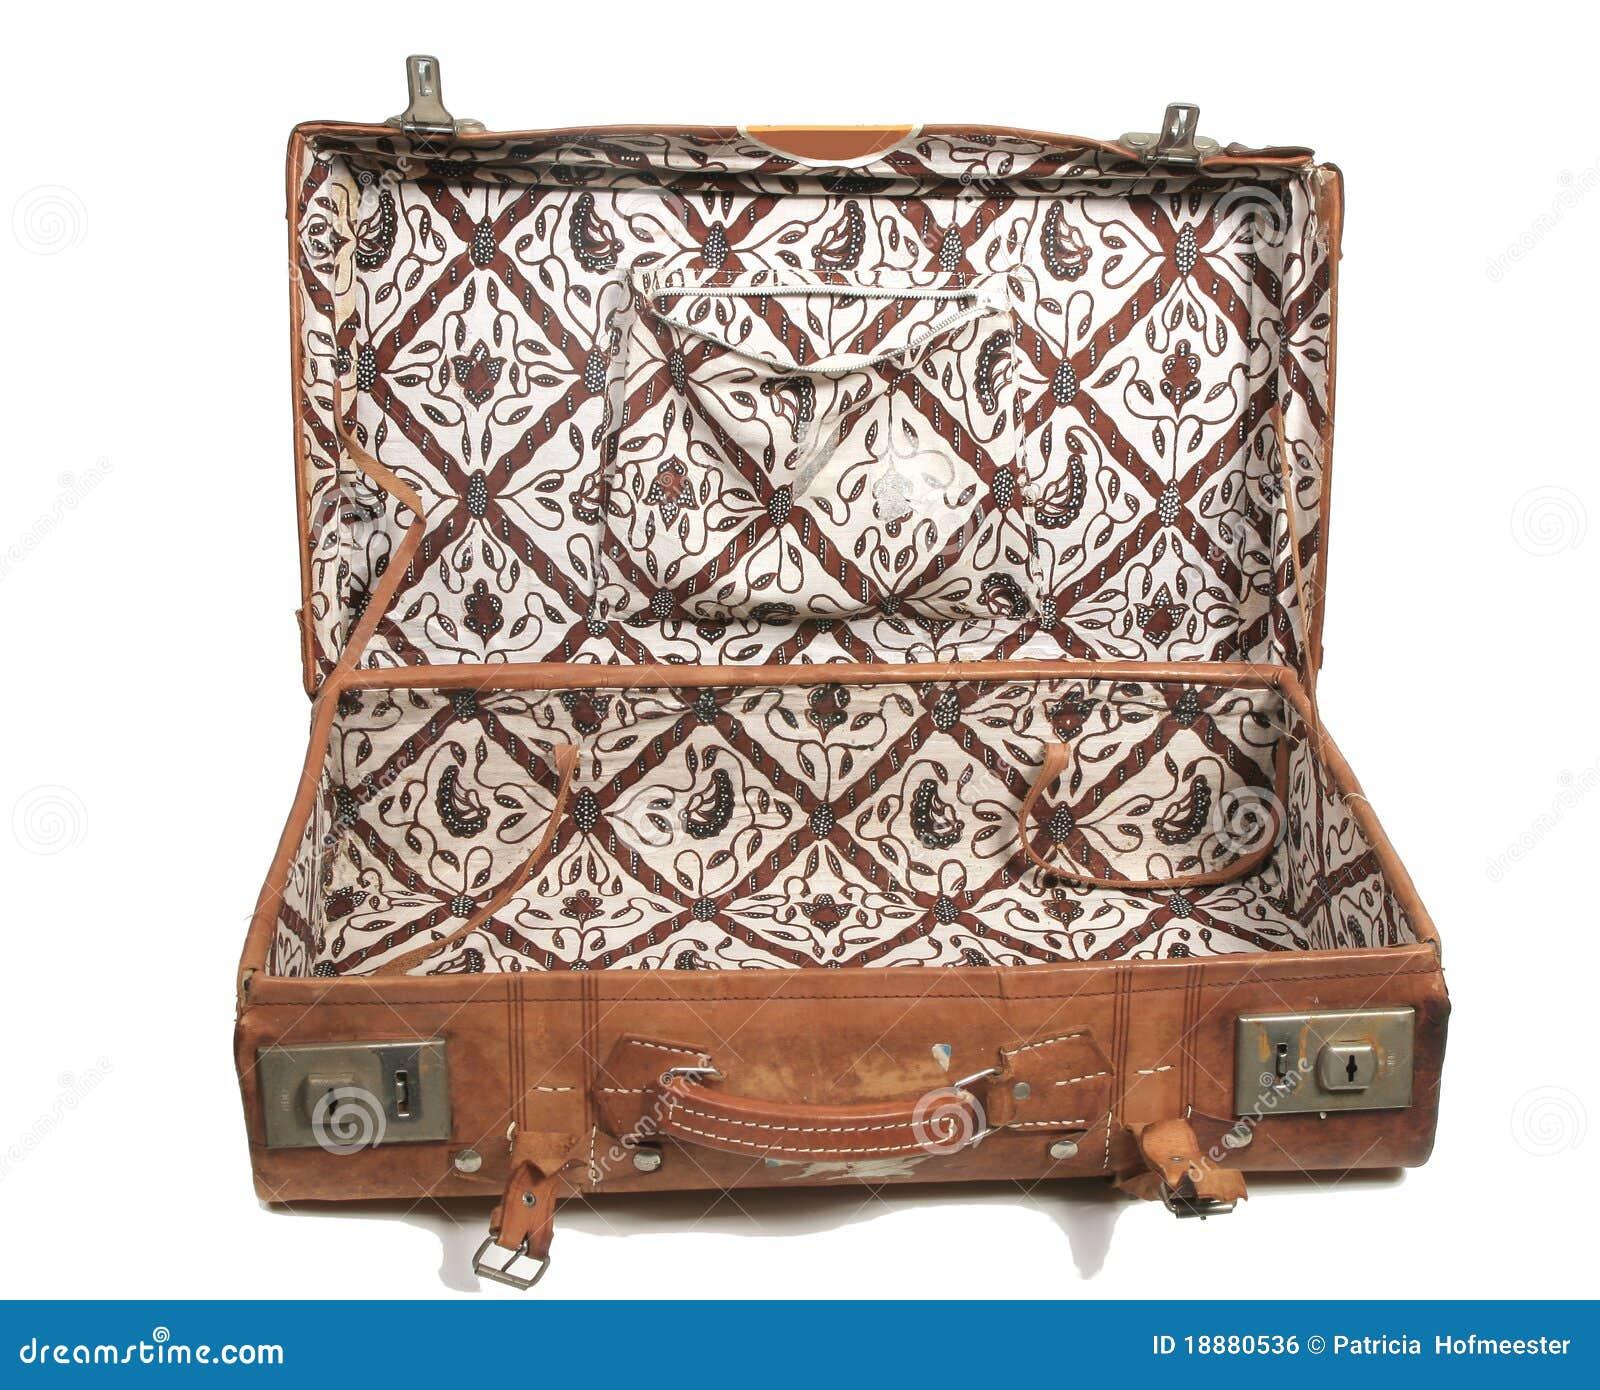 vieille valise en cuir image libre de droits image 18880536. Black Bedroom Furniture Sets. Home Design Ideas